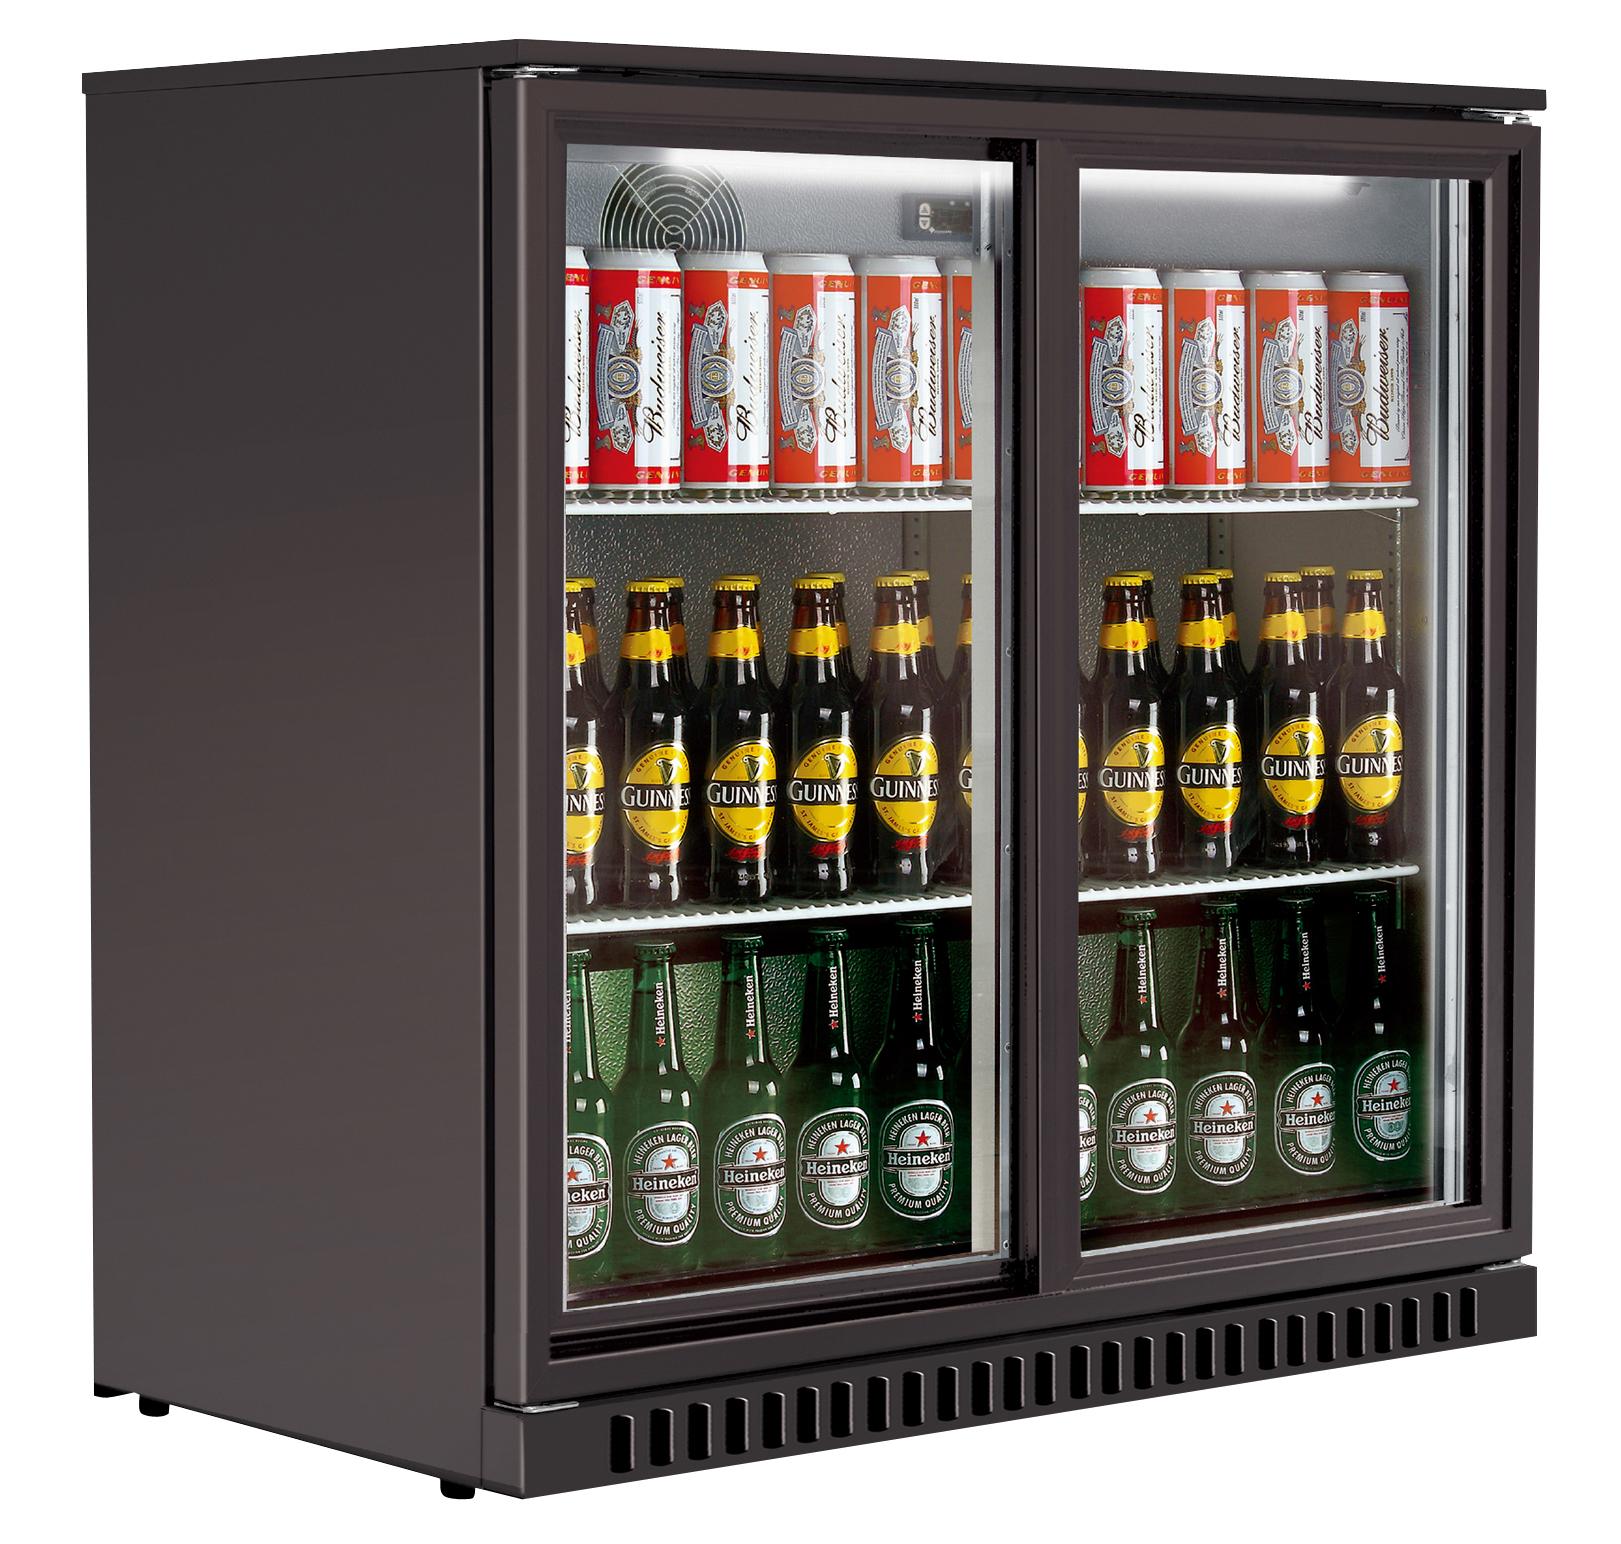 Barkühlschrank ECO 208 Liter mit Schiebetüren silber line Shop